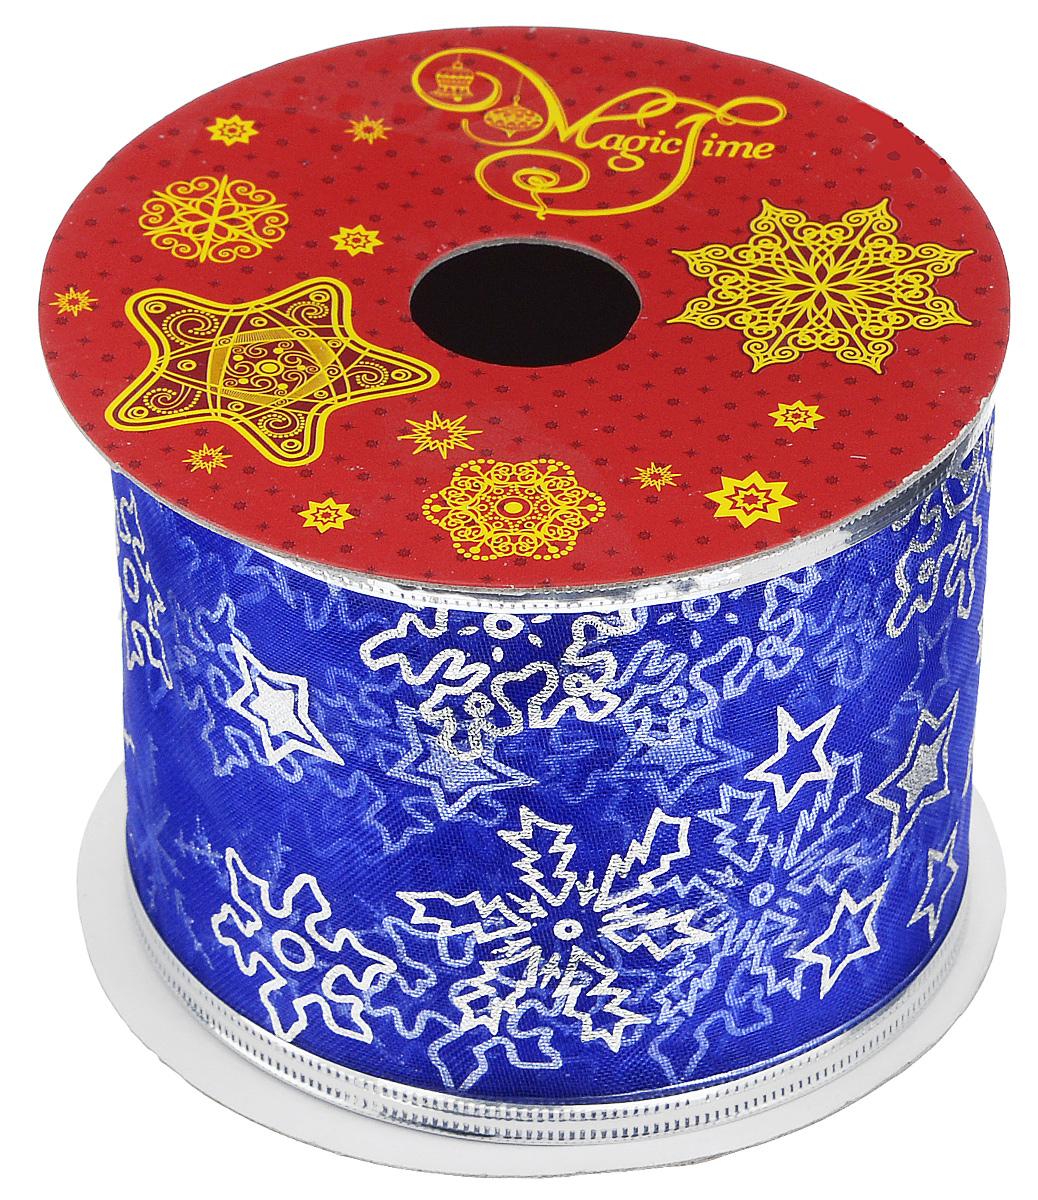 Декоративная лента Феникс-презент Magic Time, цвет: синий, серебристый, длина 2,7 м. 3889238892Декоративная лента Феникс-презент Magic Time выполнена из полиэстера и декорирована изображением снежинок и звезд. В края ленты вставлена проволока, благодаря чему ее легко фиксировать. Лента предназначена для оформления подарочных коробок, пакетов. Кроме того, декоративная лента с успехом применяется для художественного оформления витрин, праздничного оформления помещений, изготовления искусственных цветов. Декоративная лента украсит интерьер вашего дома к праздникам. Ширина ленты: 6,3 см.